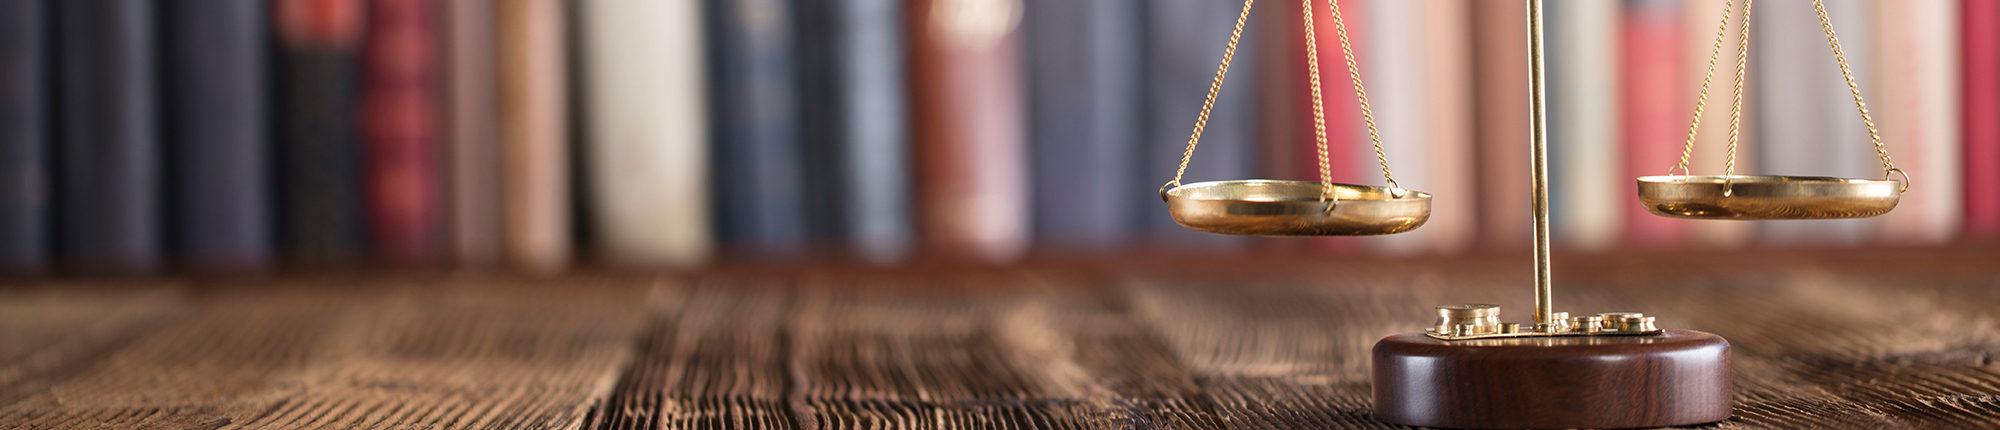 Staten Island Child Support Lawyer